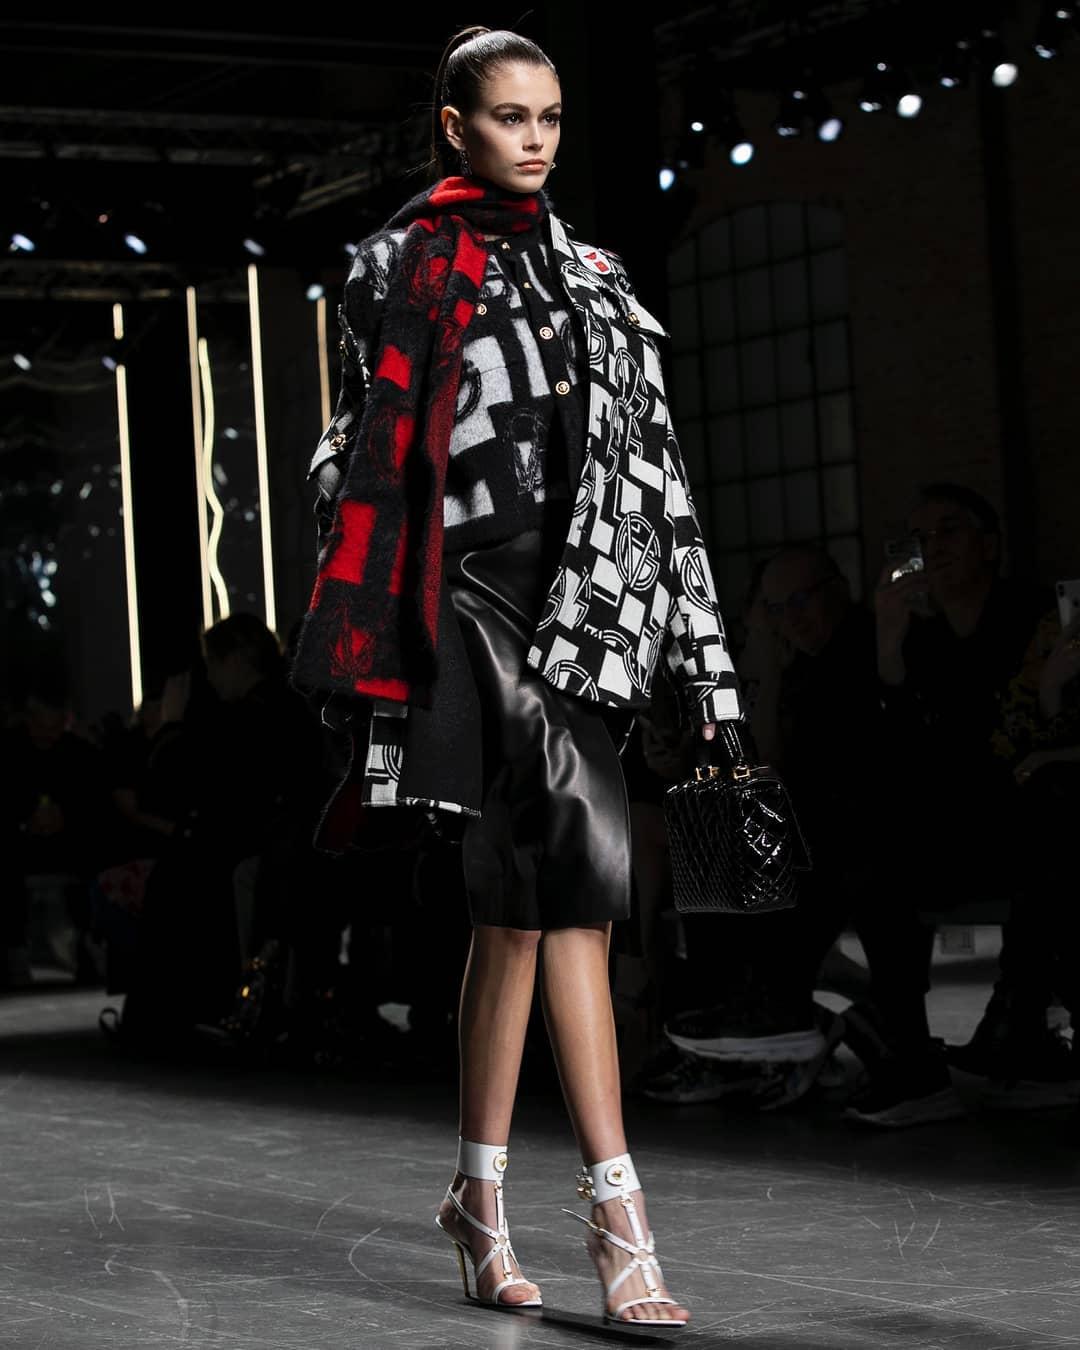 Неделя мужской моды в Милане: Джиджи Хадид, Кайя Гербер и другие на подиуме-Фото 3